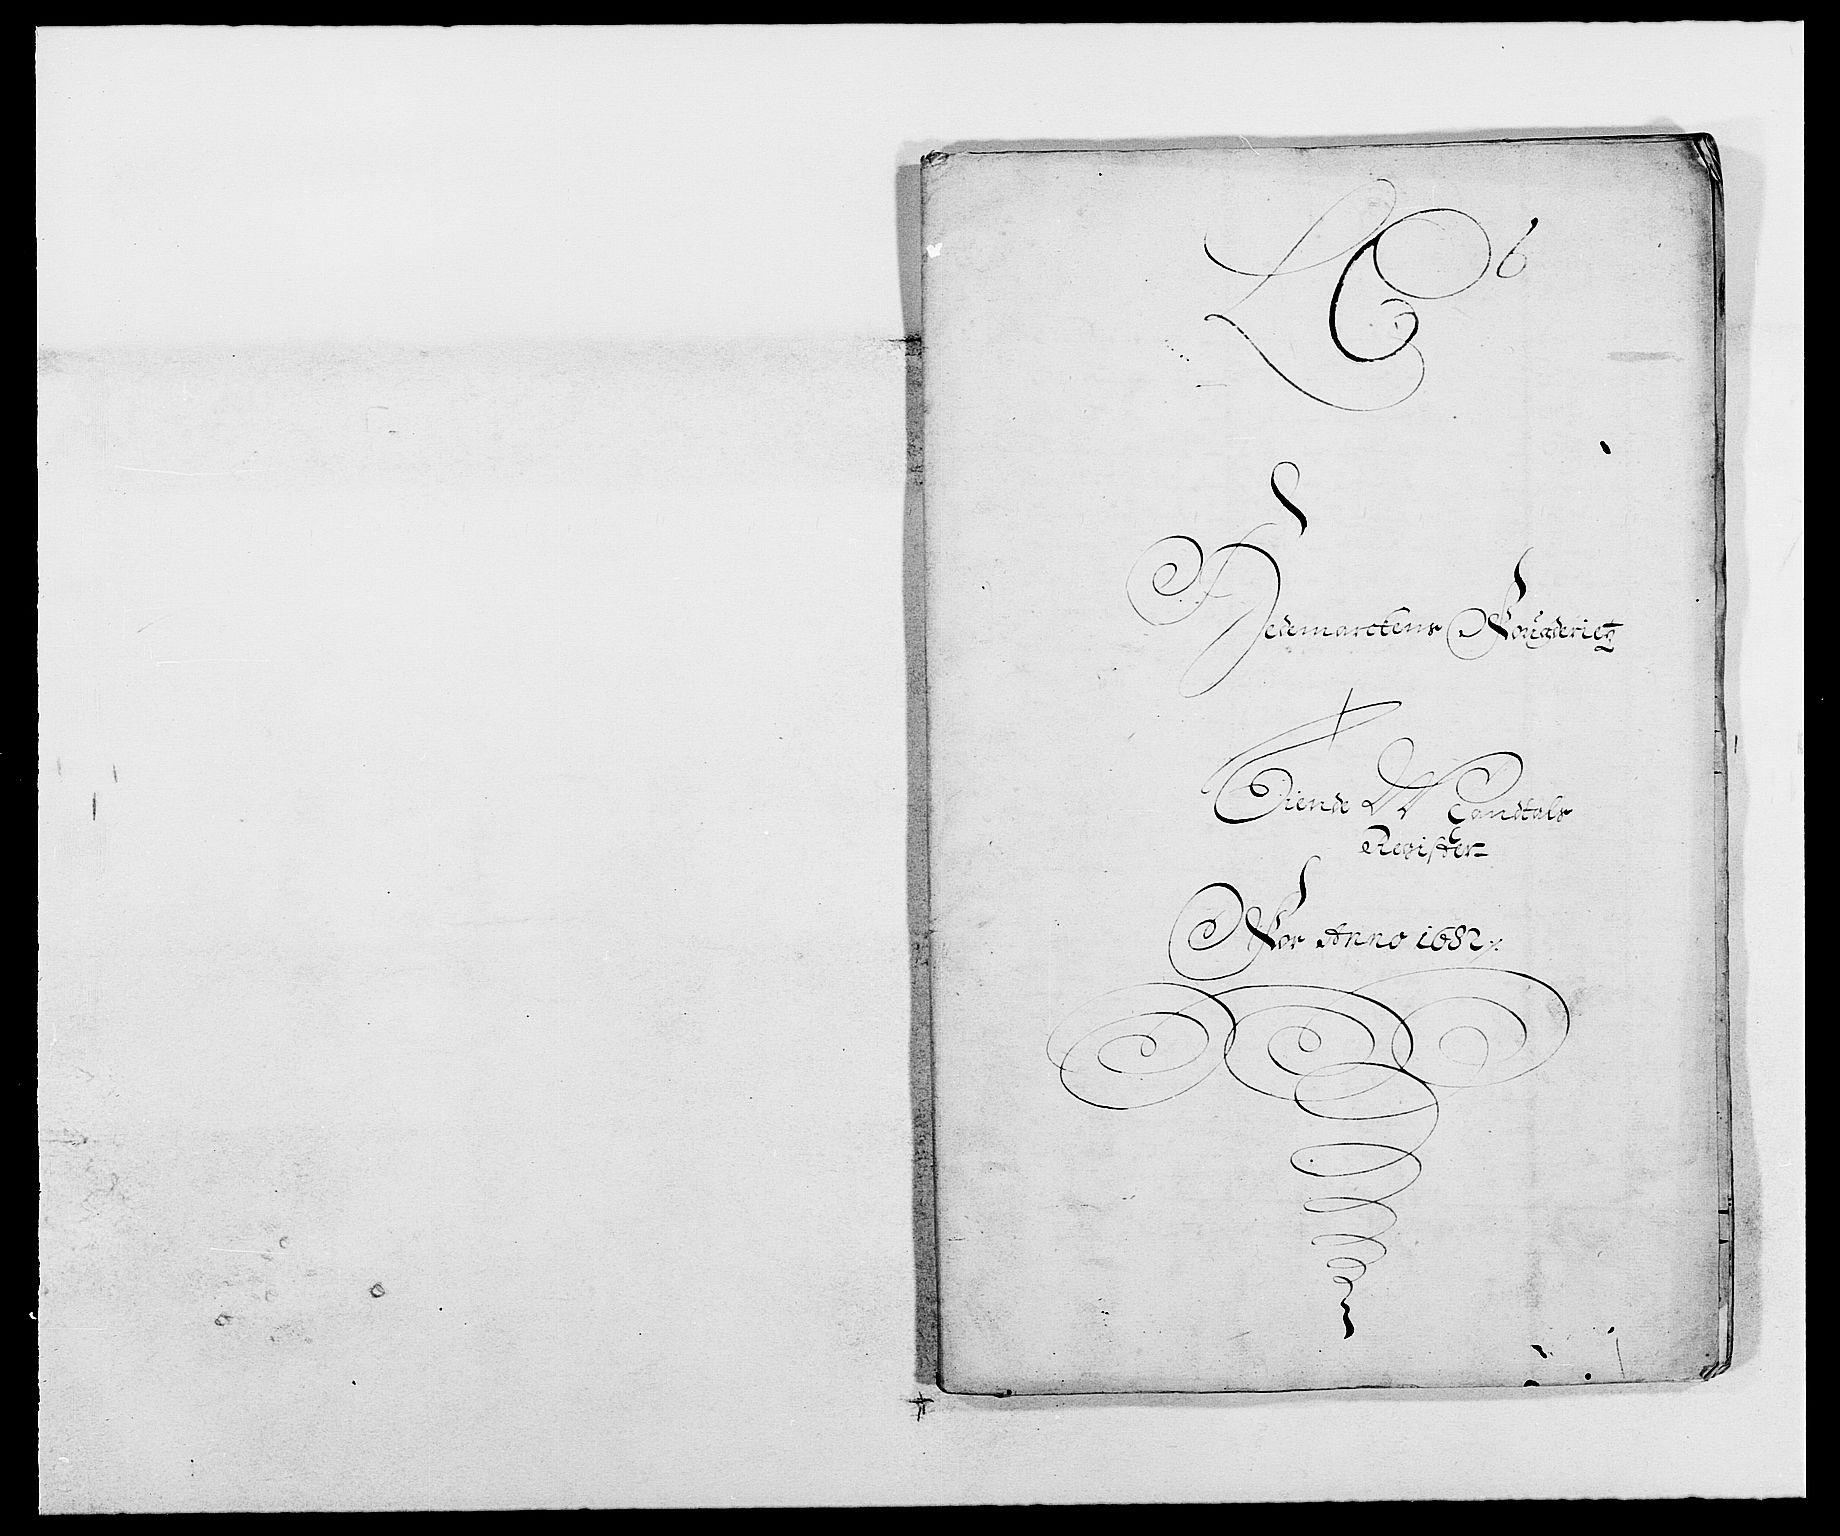 RA, Rentekammeret inntil 1814, Reviderte regnskaper, Fogderegnskap, R16/L1022: Fogderegnskap Hedmark, 1682, s. 114